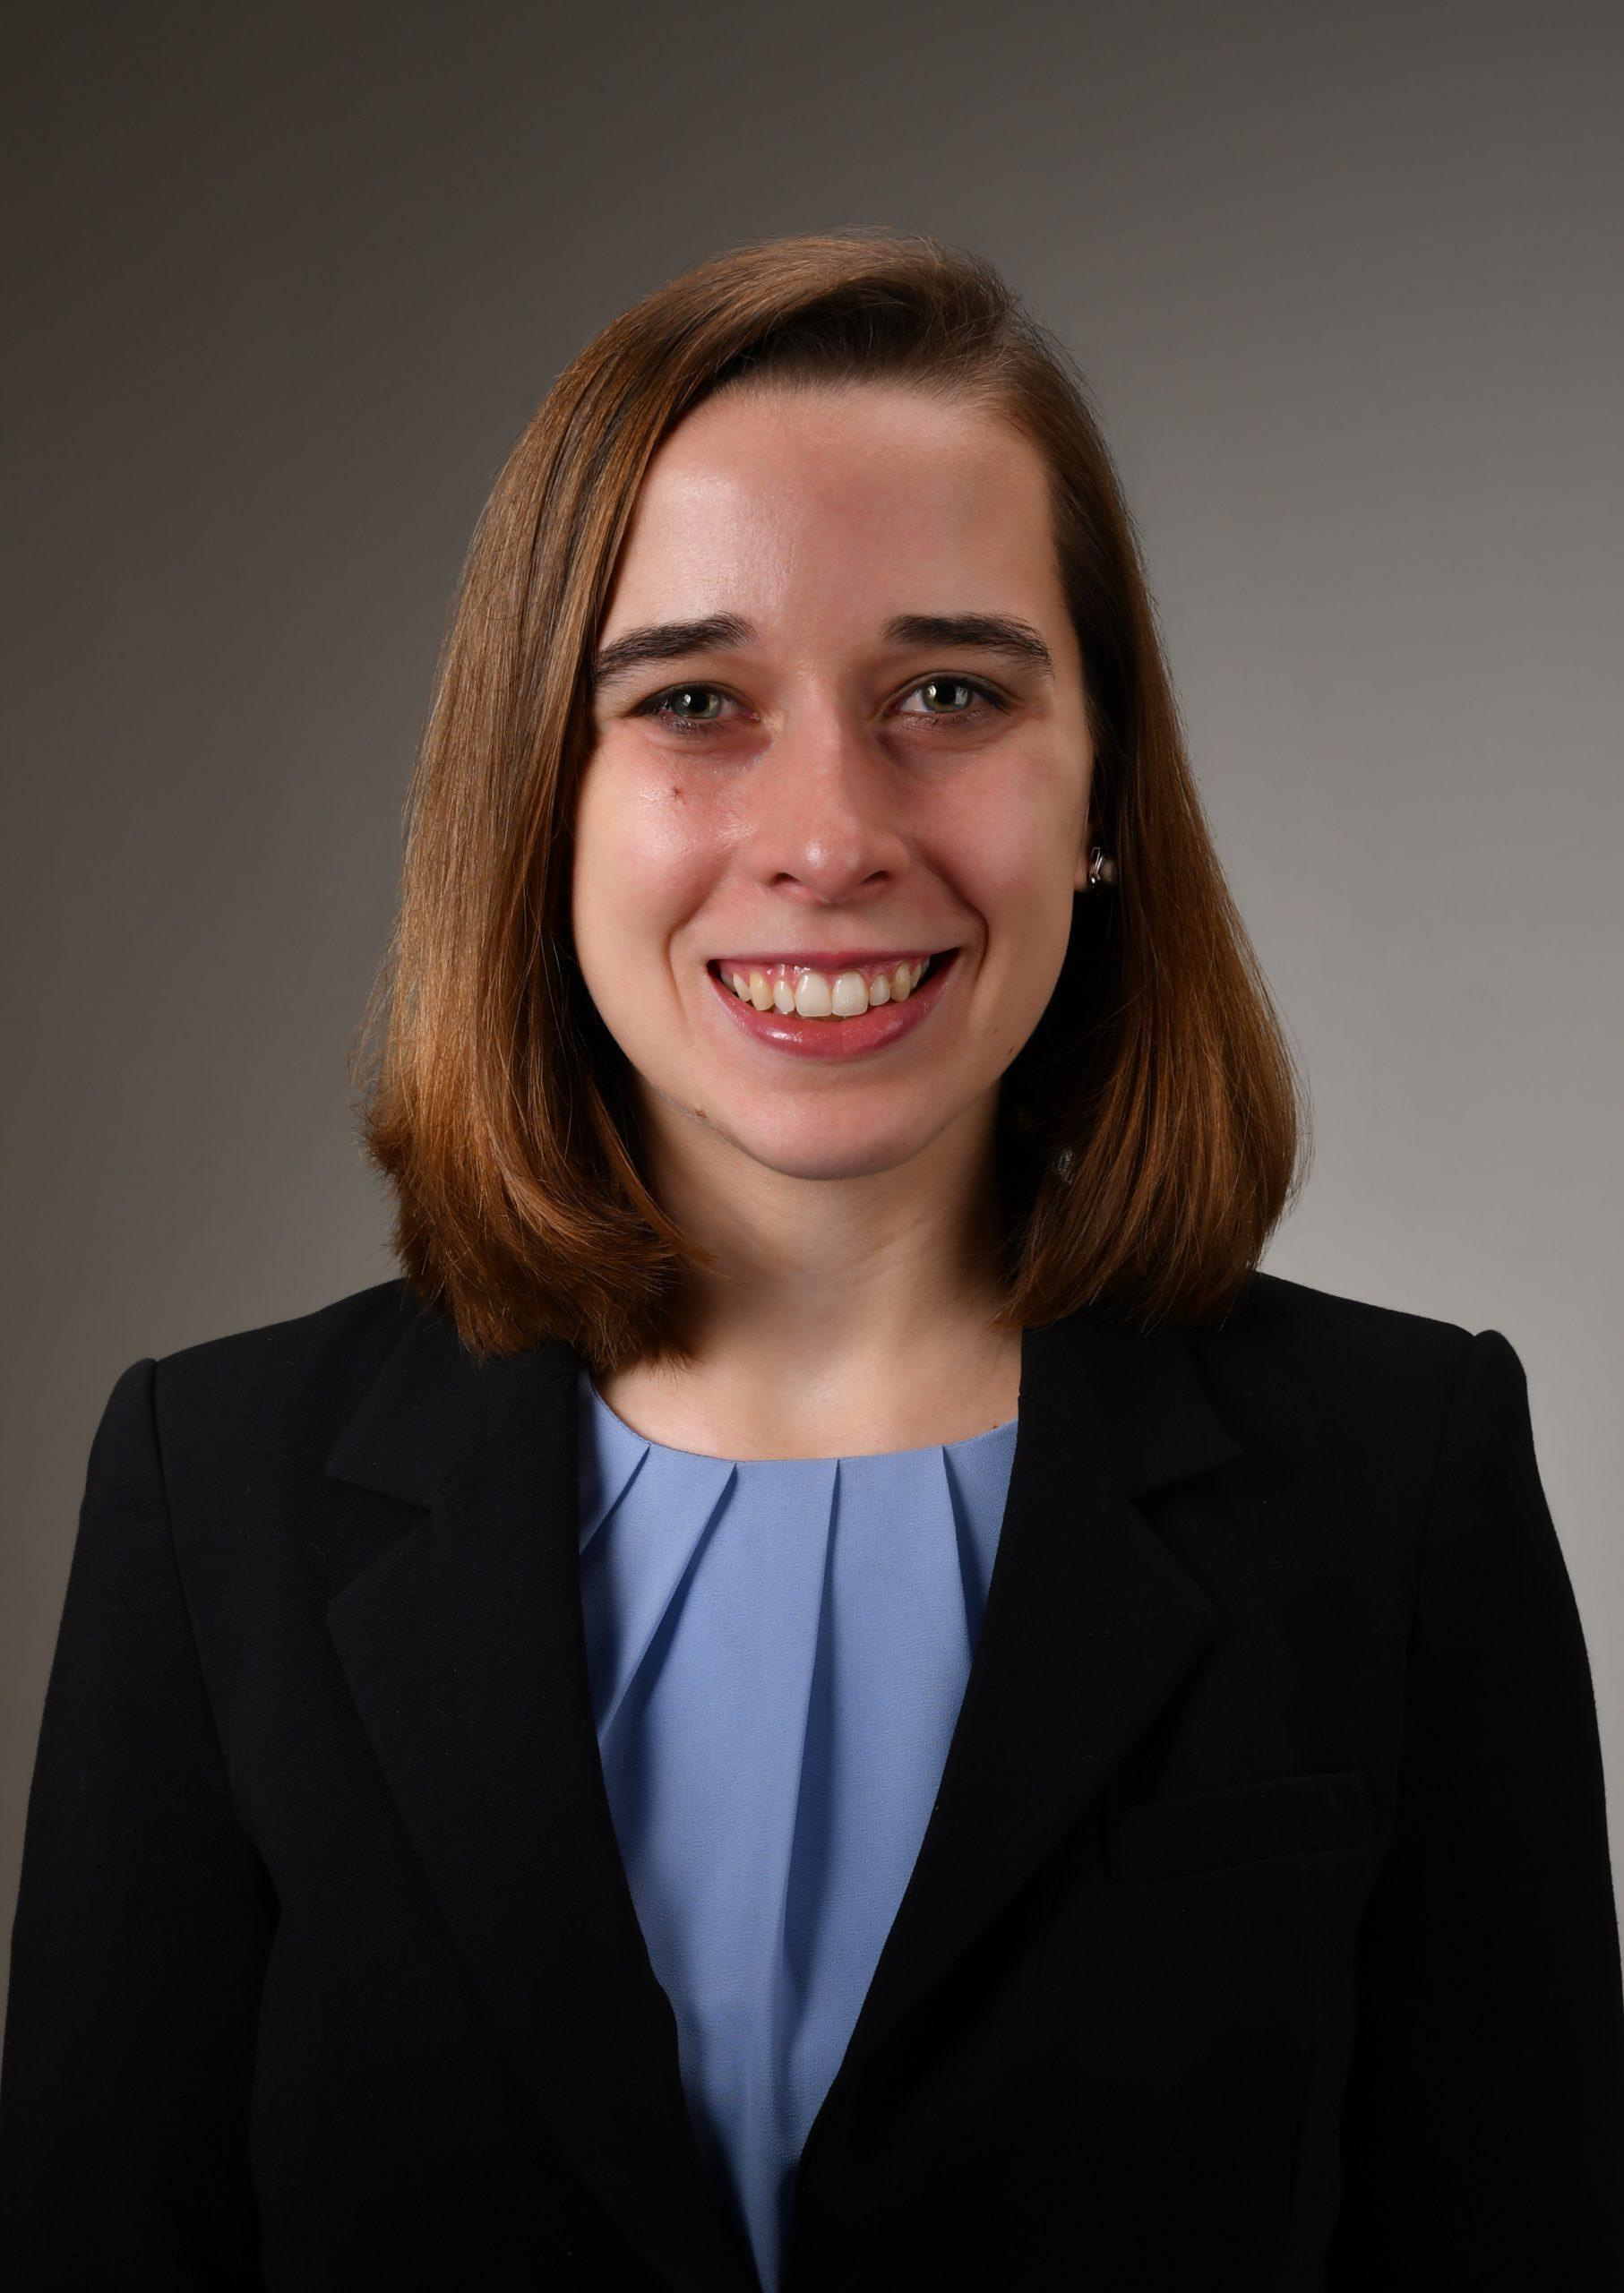 Kelly A. Vaughn, PhD